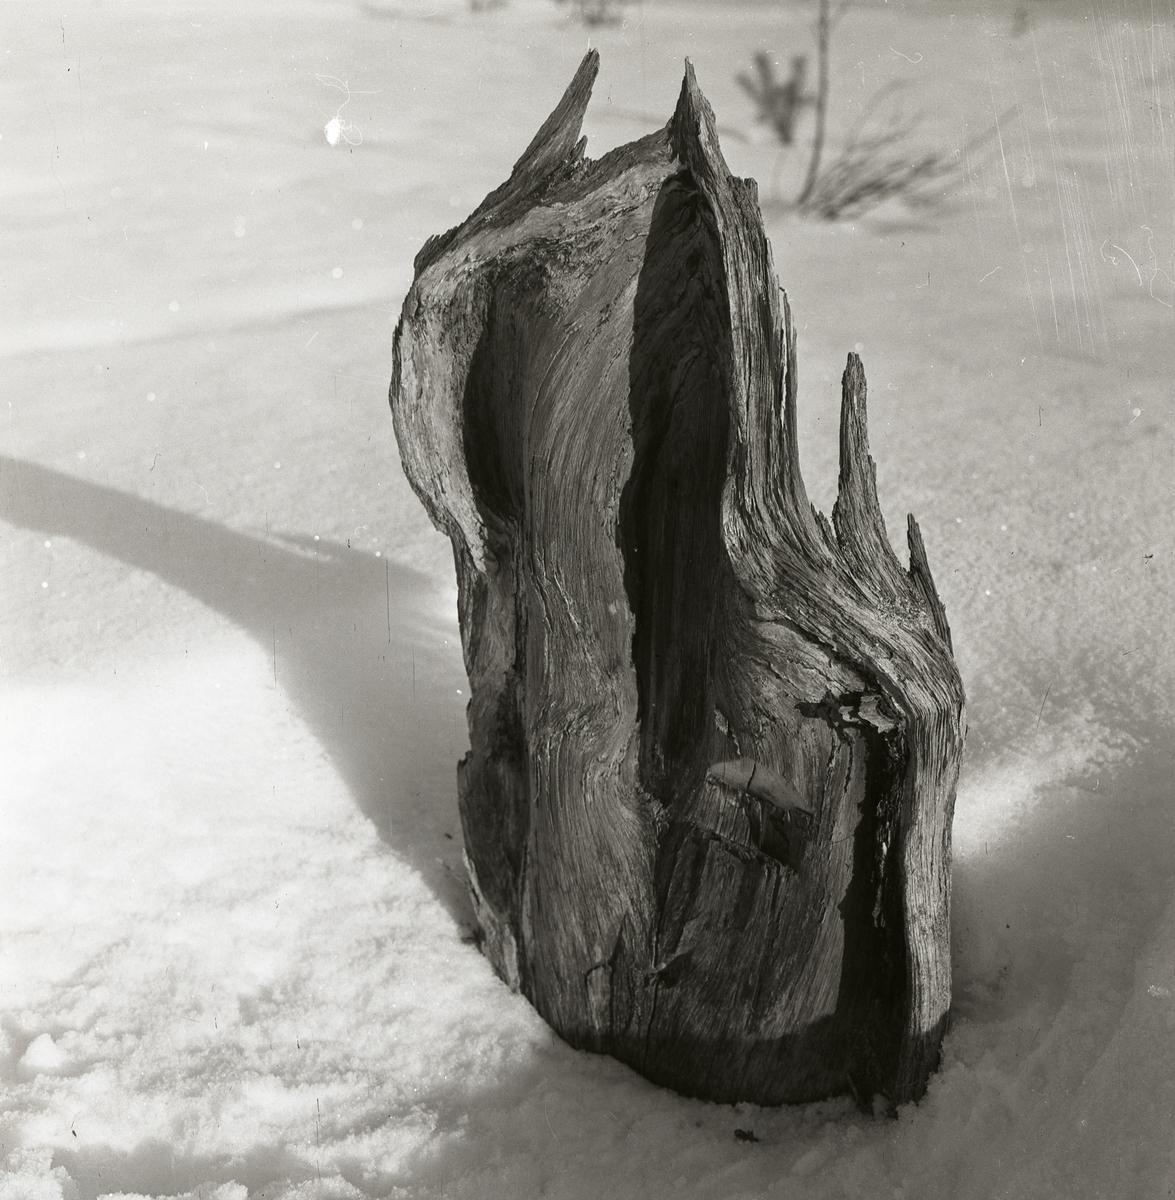 En trädstubbe i snön har formen av en katedral enligt Hilding, mars 1960.